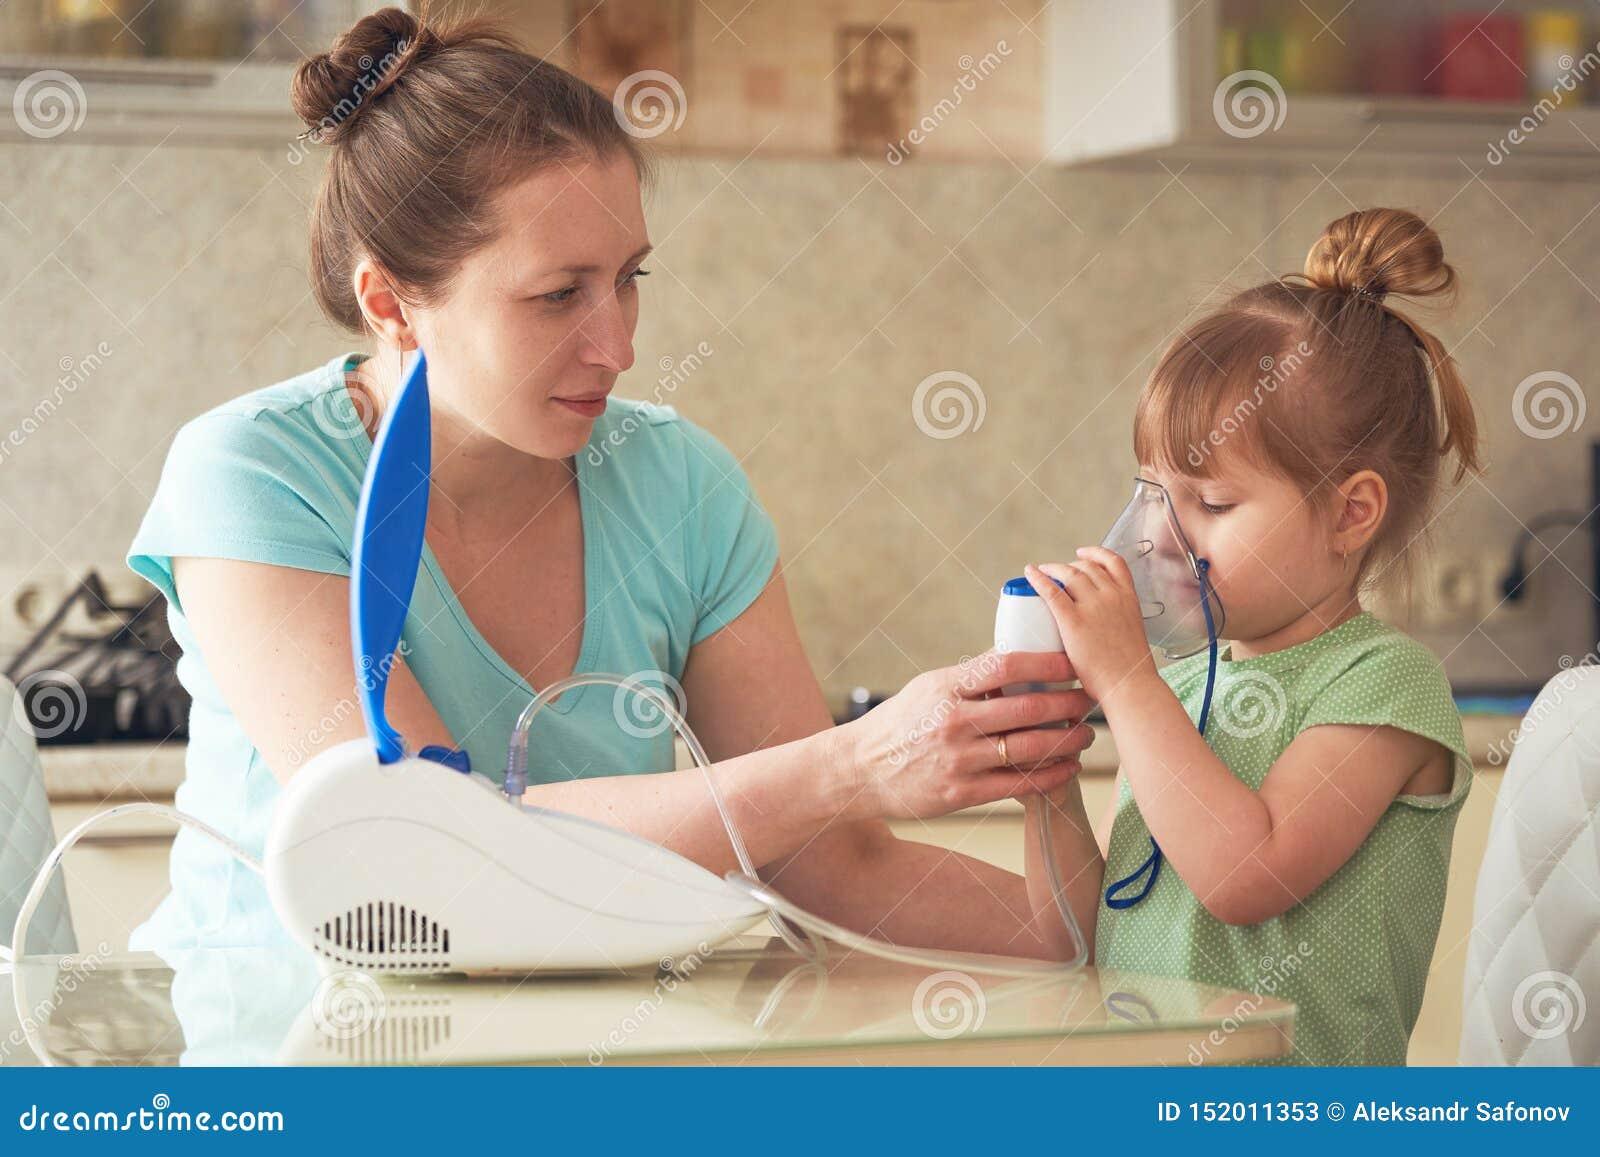 Une femme fait l inhalation à un enfant à la maison apporte le masque de nébuliseur à son visage inhale la vapeur du médicament L